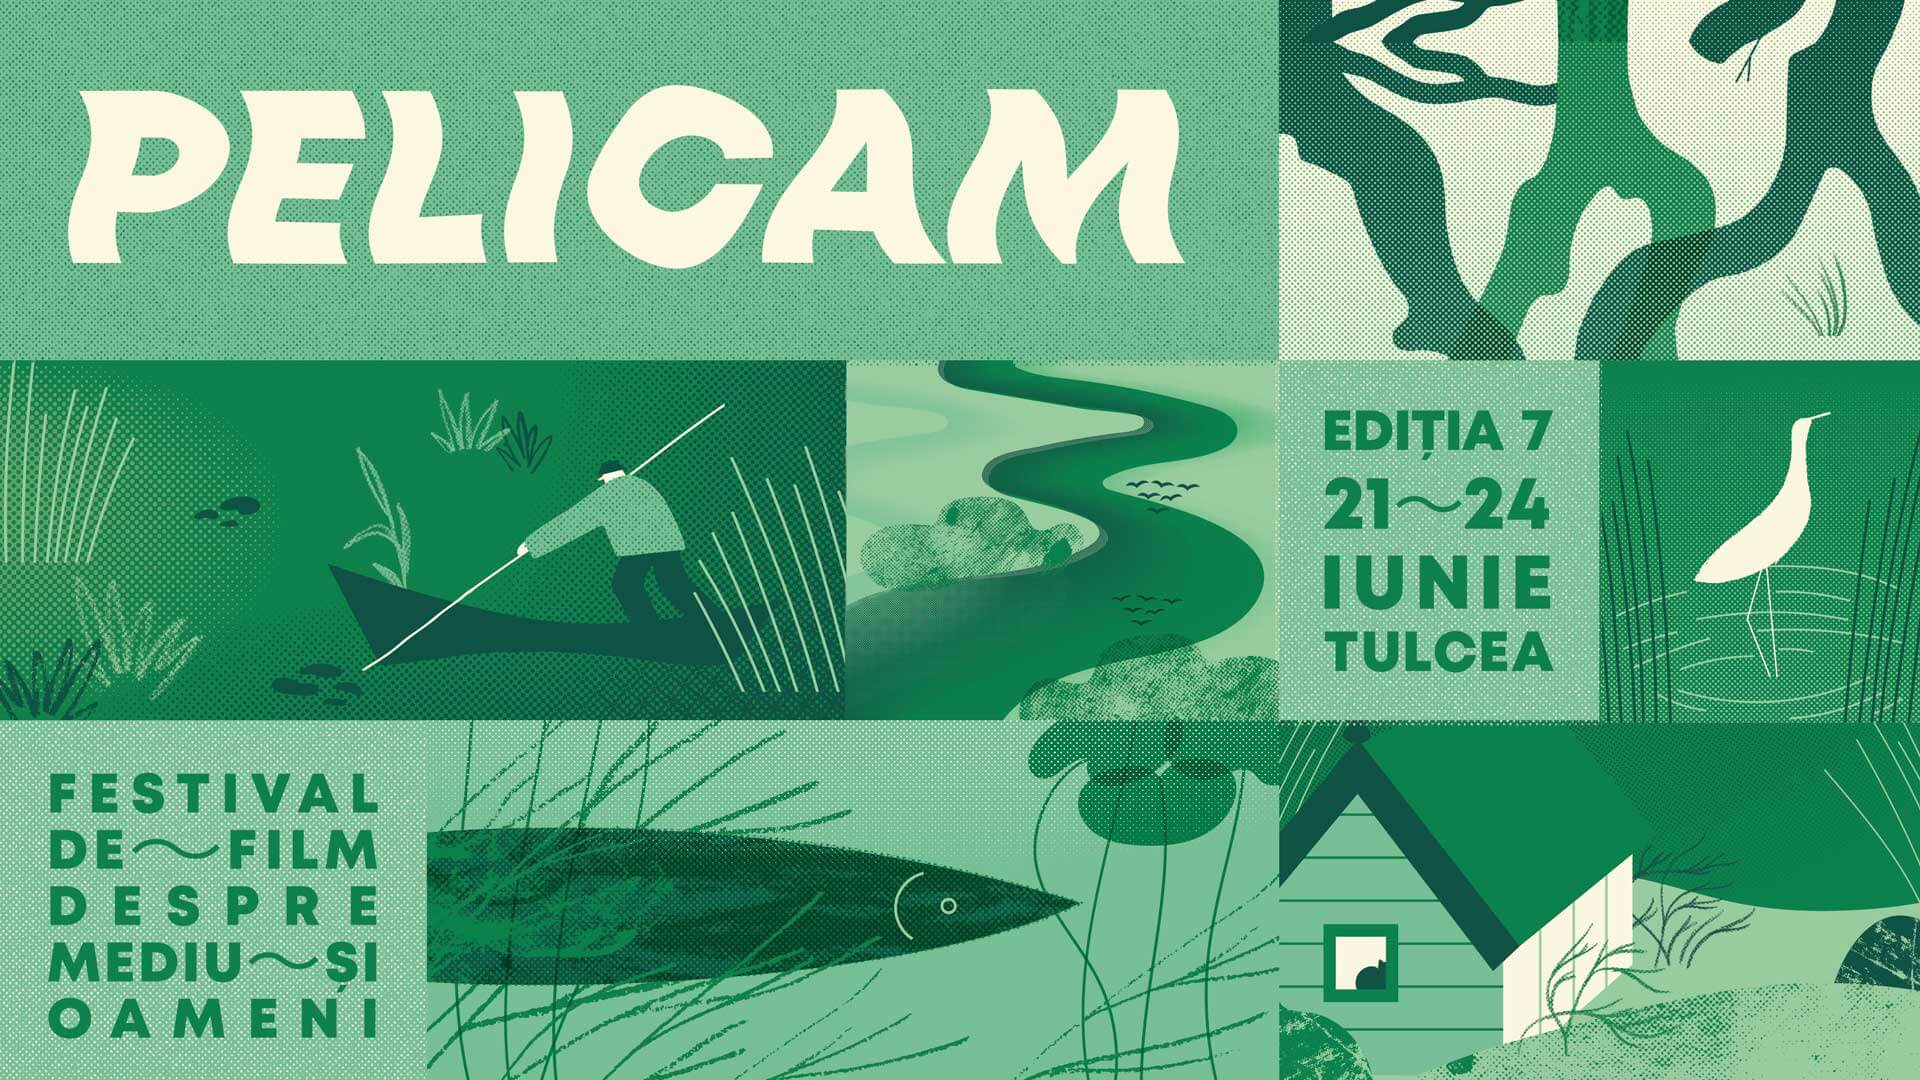 Șase filme despre oameni și mediu, selectate în competiția principală Pelicam